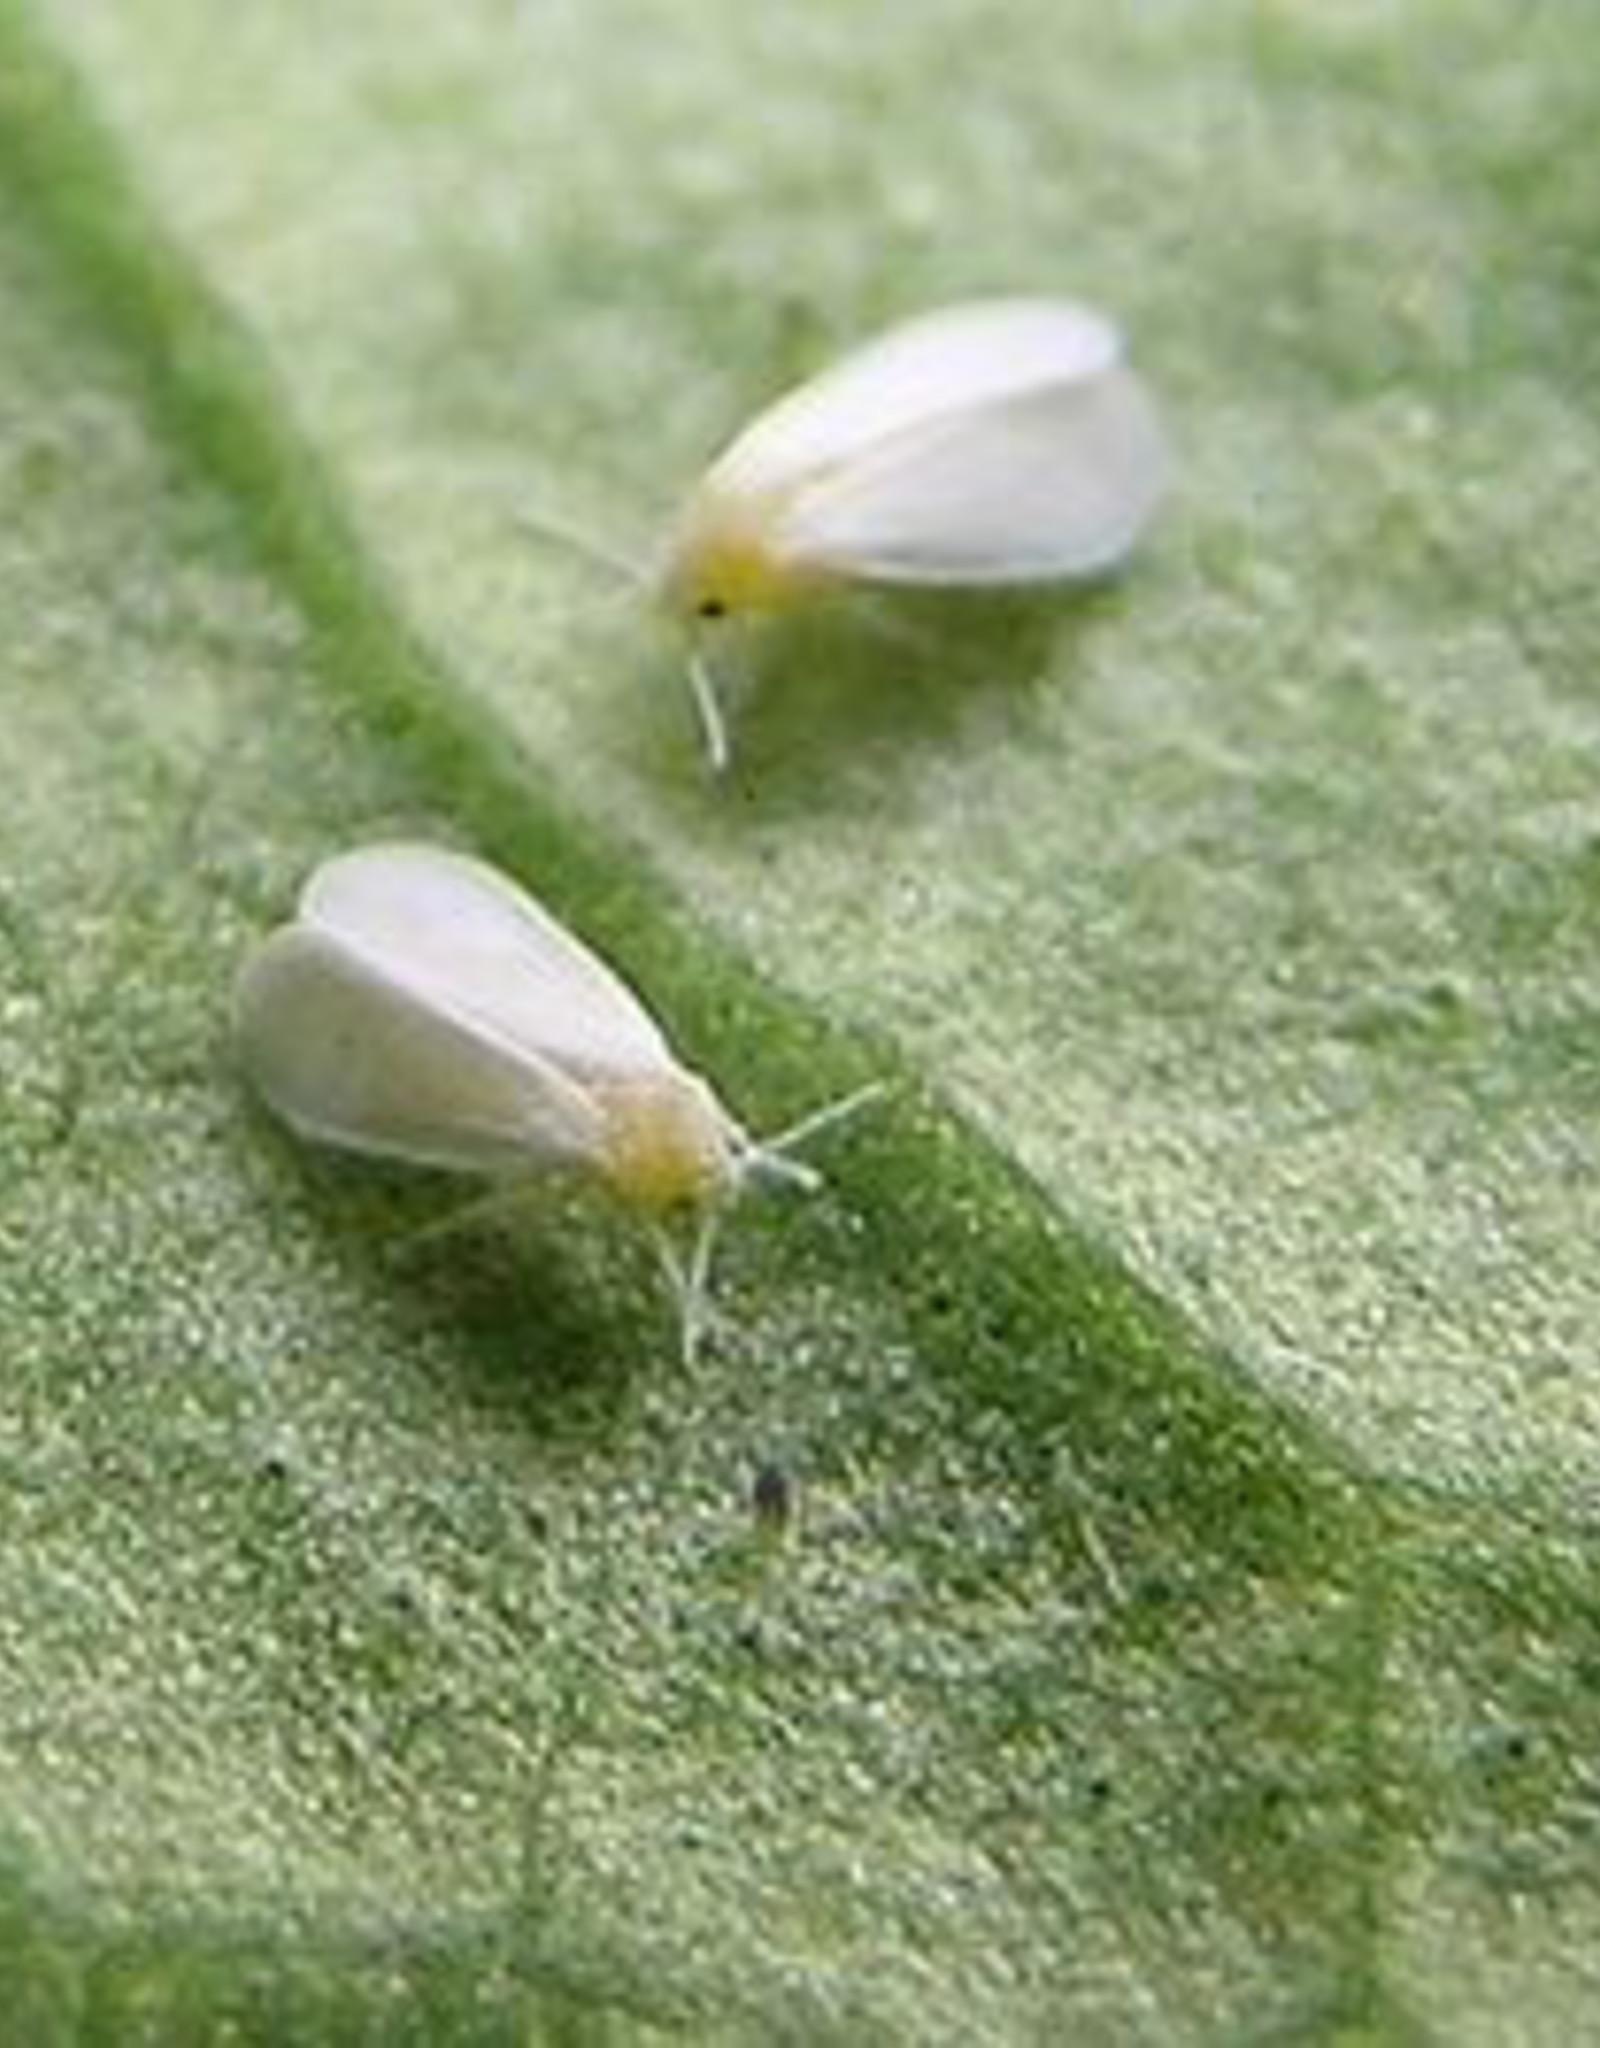 Brimex Biobest Witte vlieg bestrijden met lieveheersbeestje Brimex Delphastus system